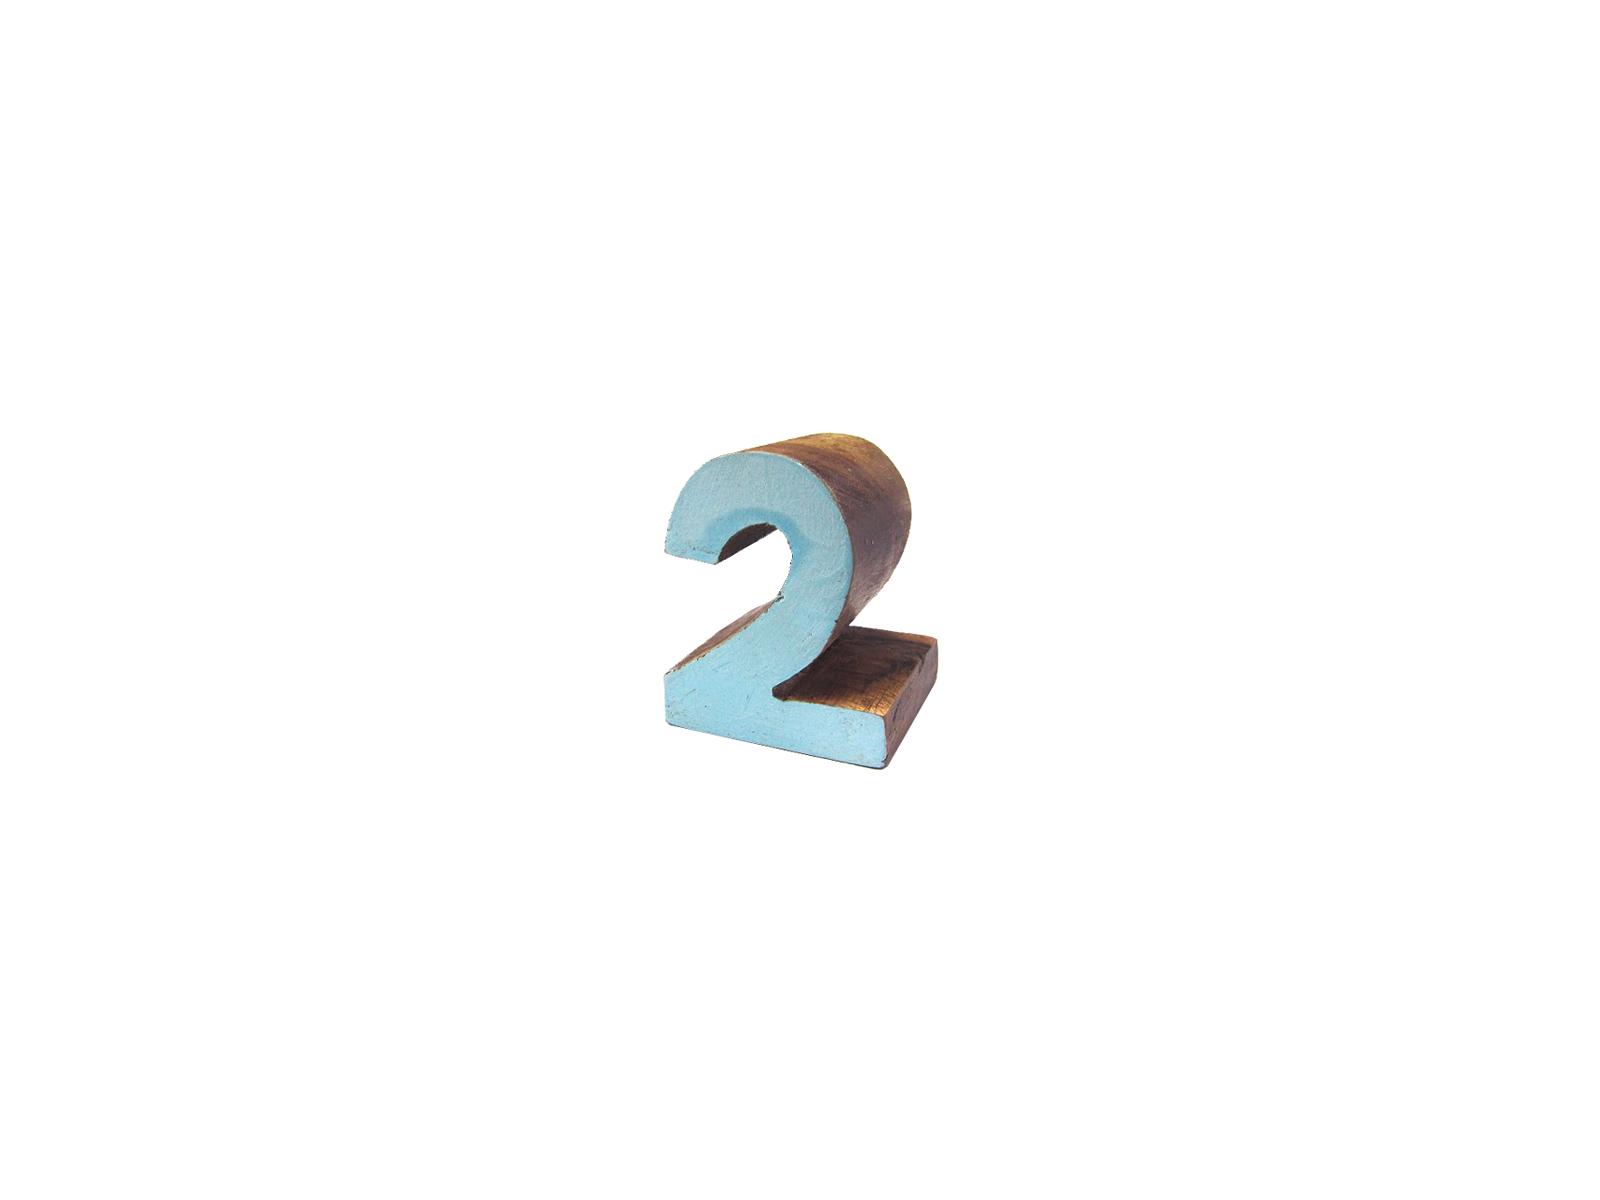 ウッドナンバーブロック2